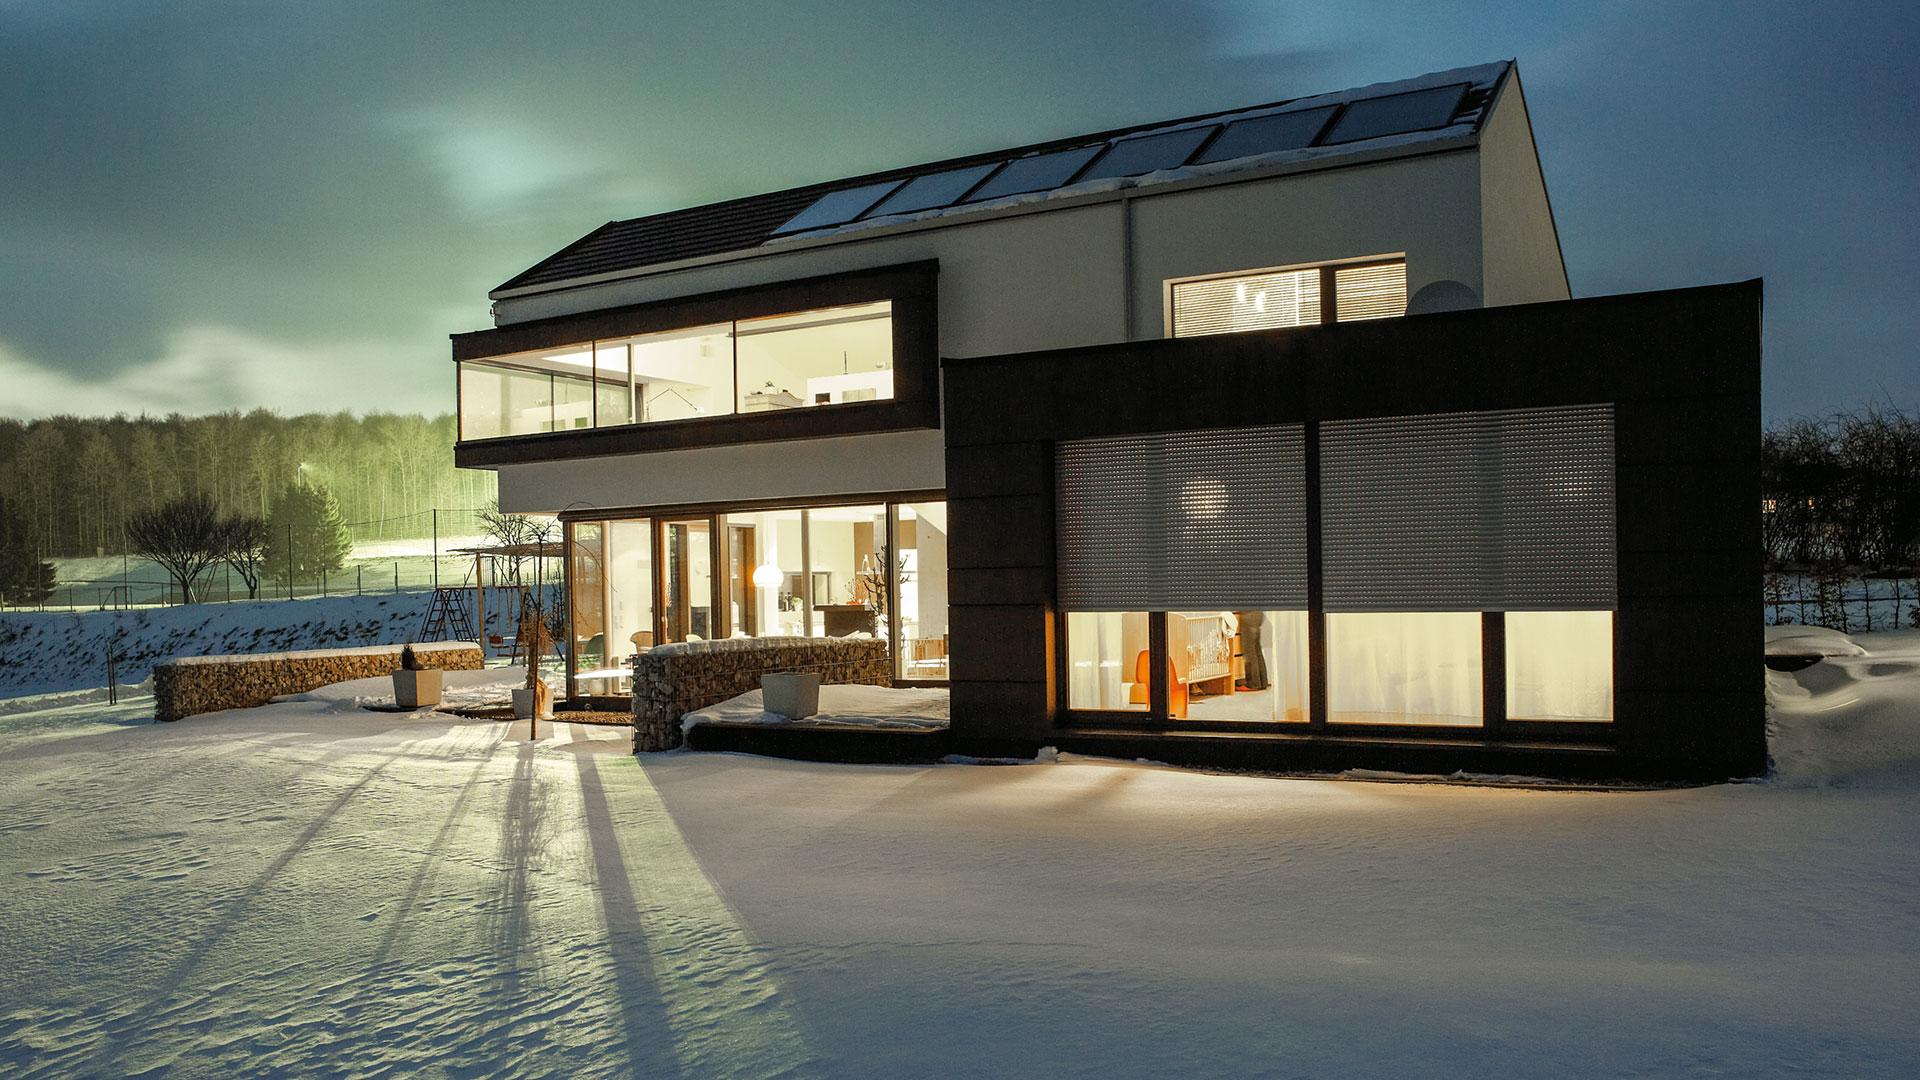 zanker Rollladen 03 - Sonnenschutz für Fenster und Fassade